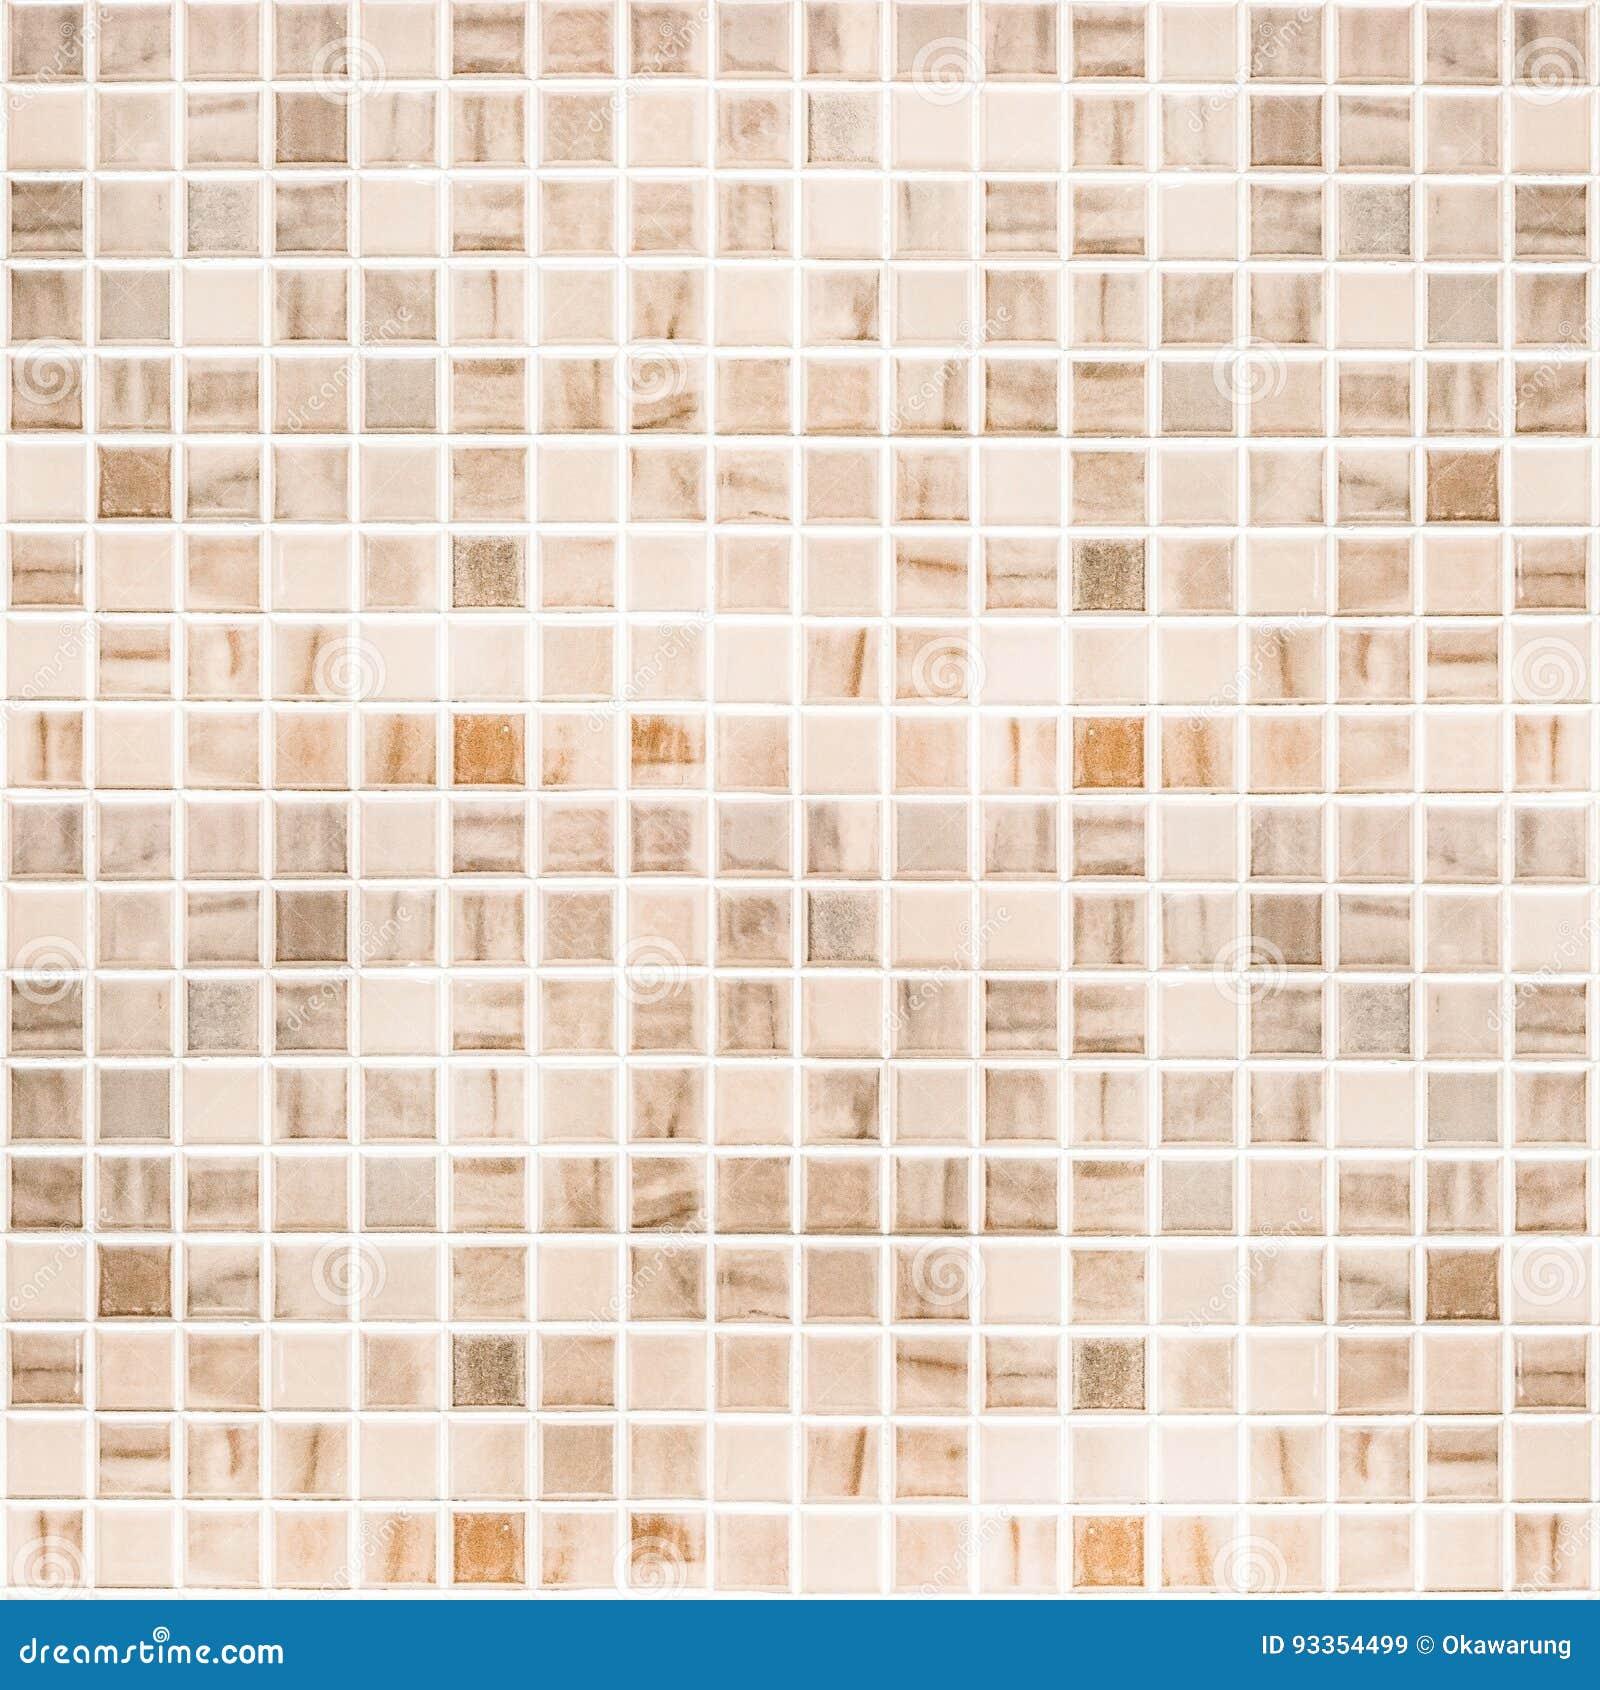 Vintage Ceramic Tile Wall ,Home Design Bathroom Stock Image - Image ...